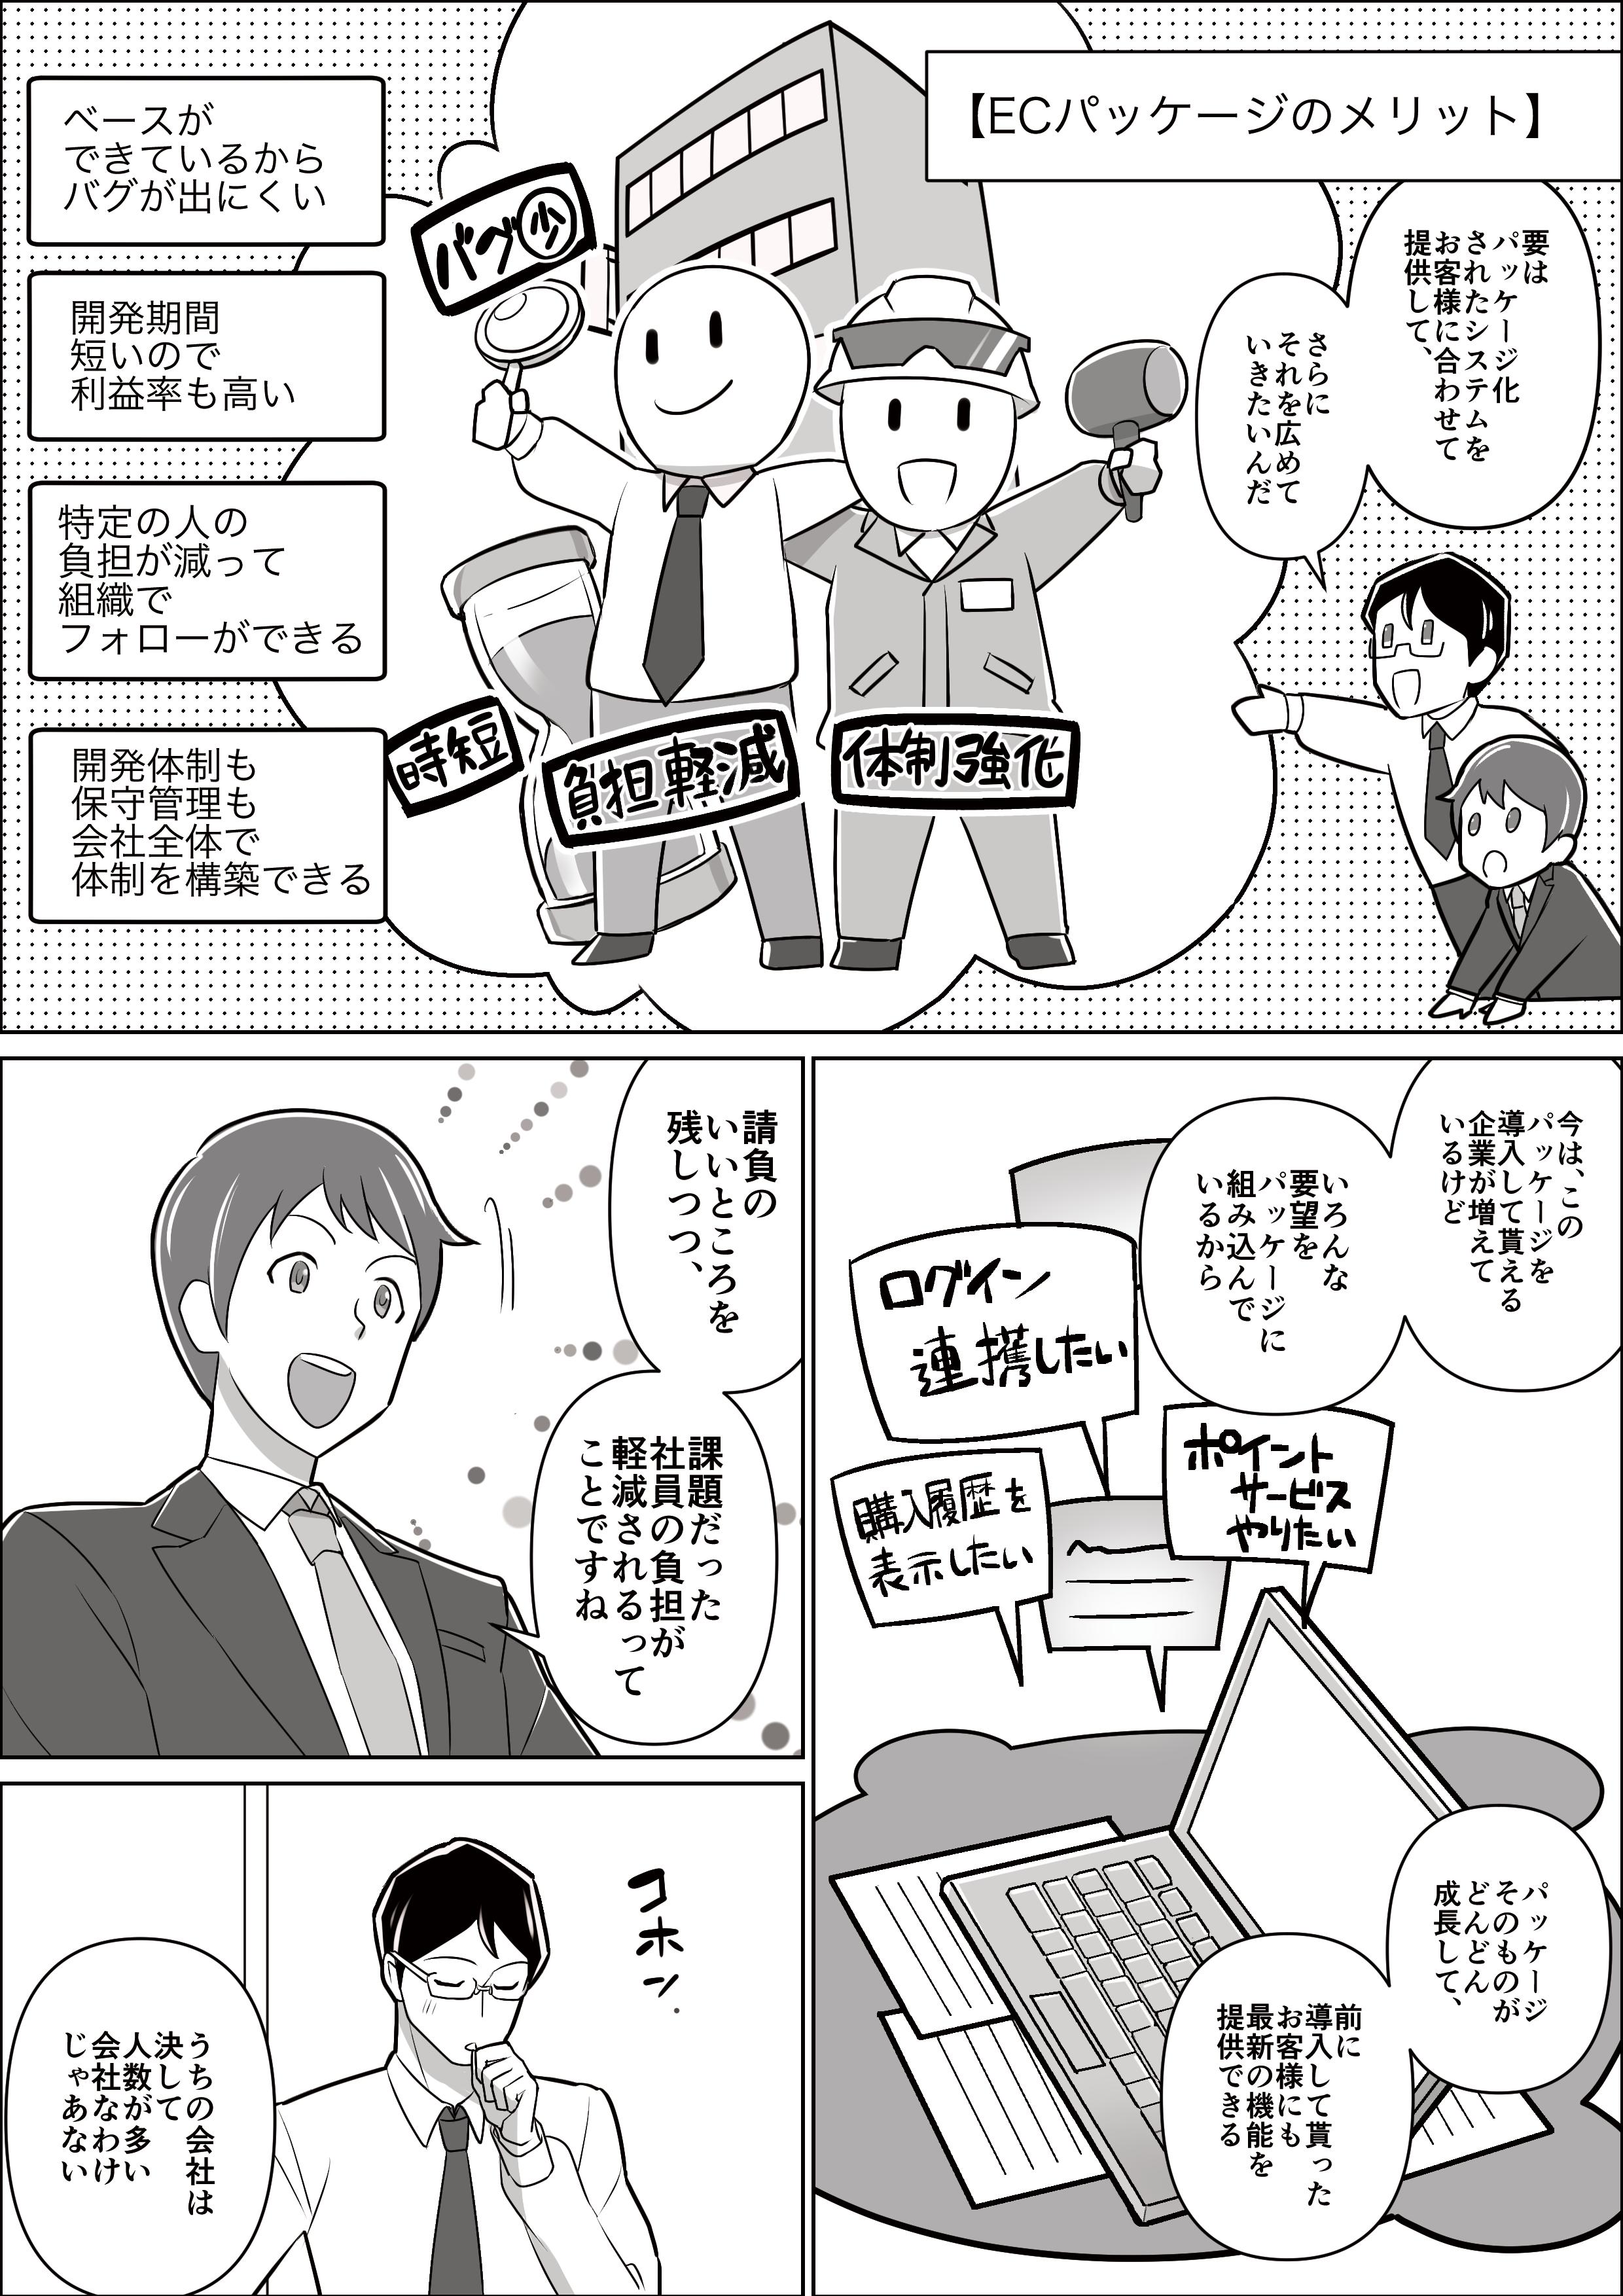 会社紹介漫画 新卒編6